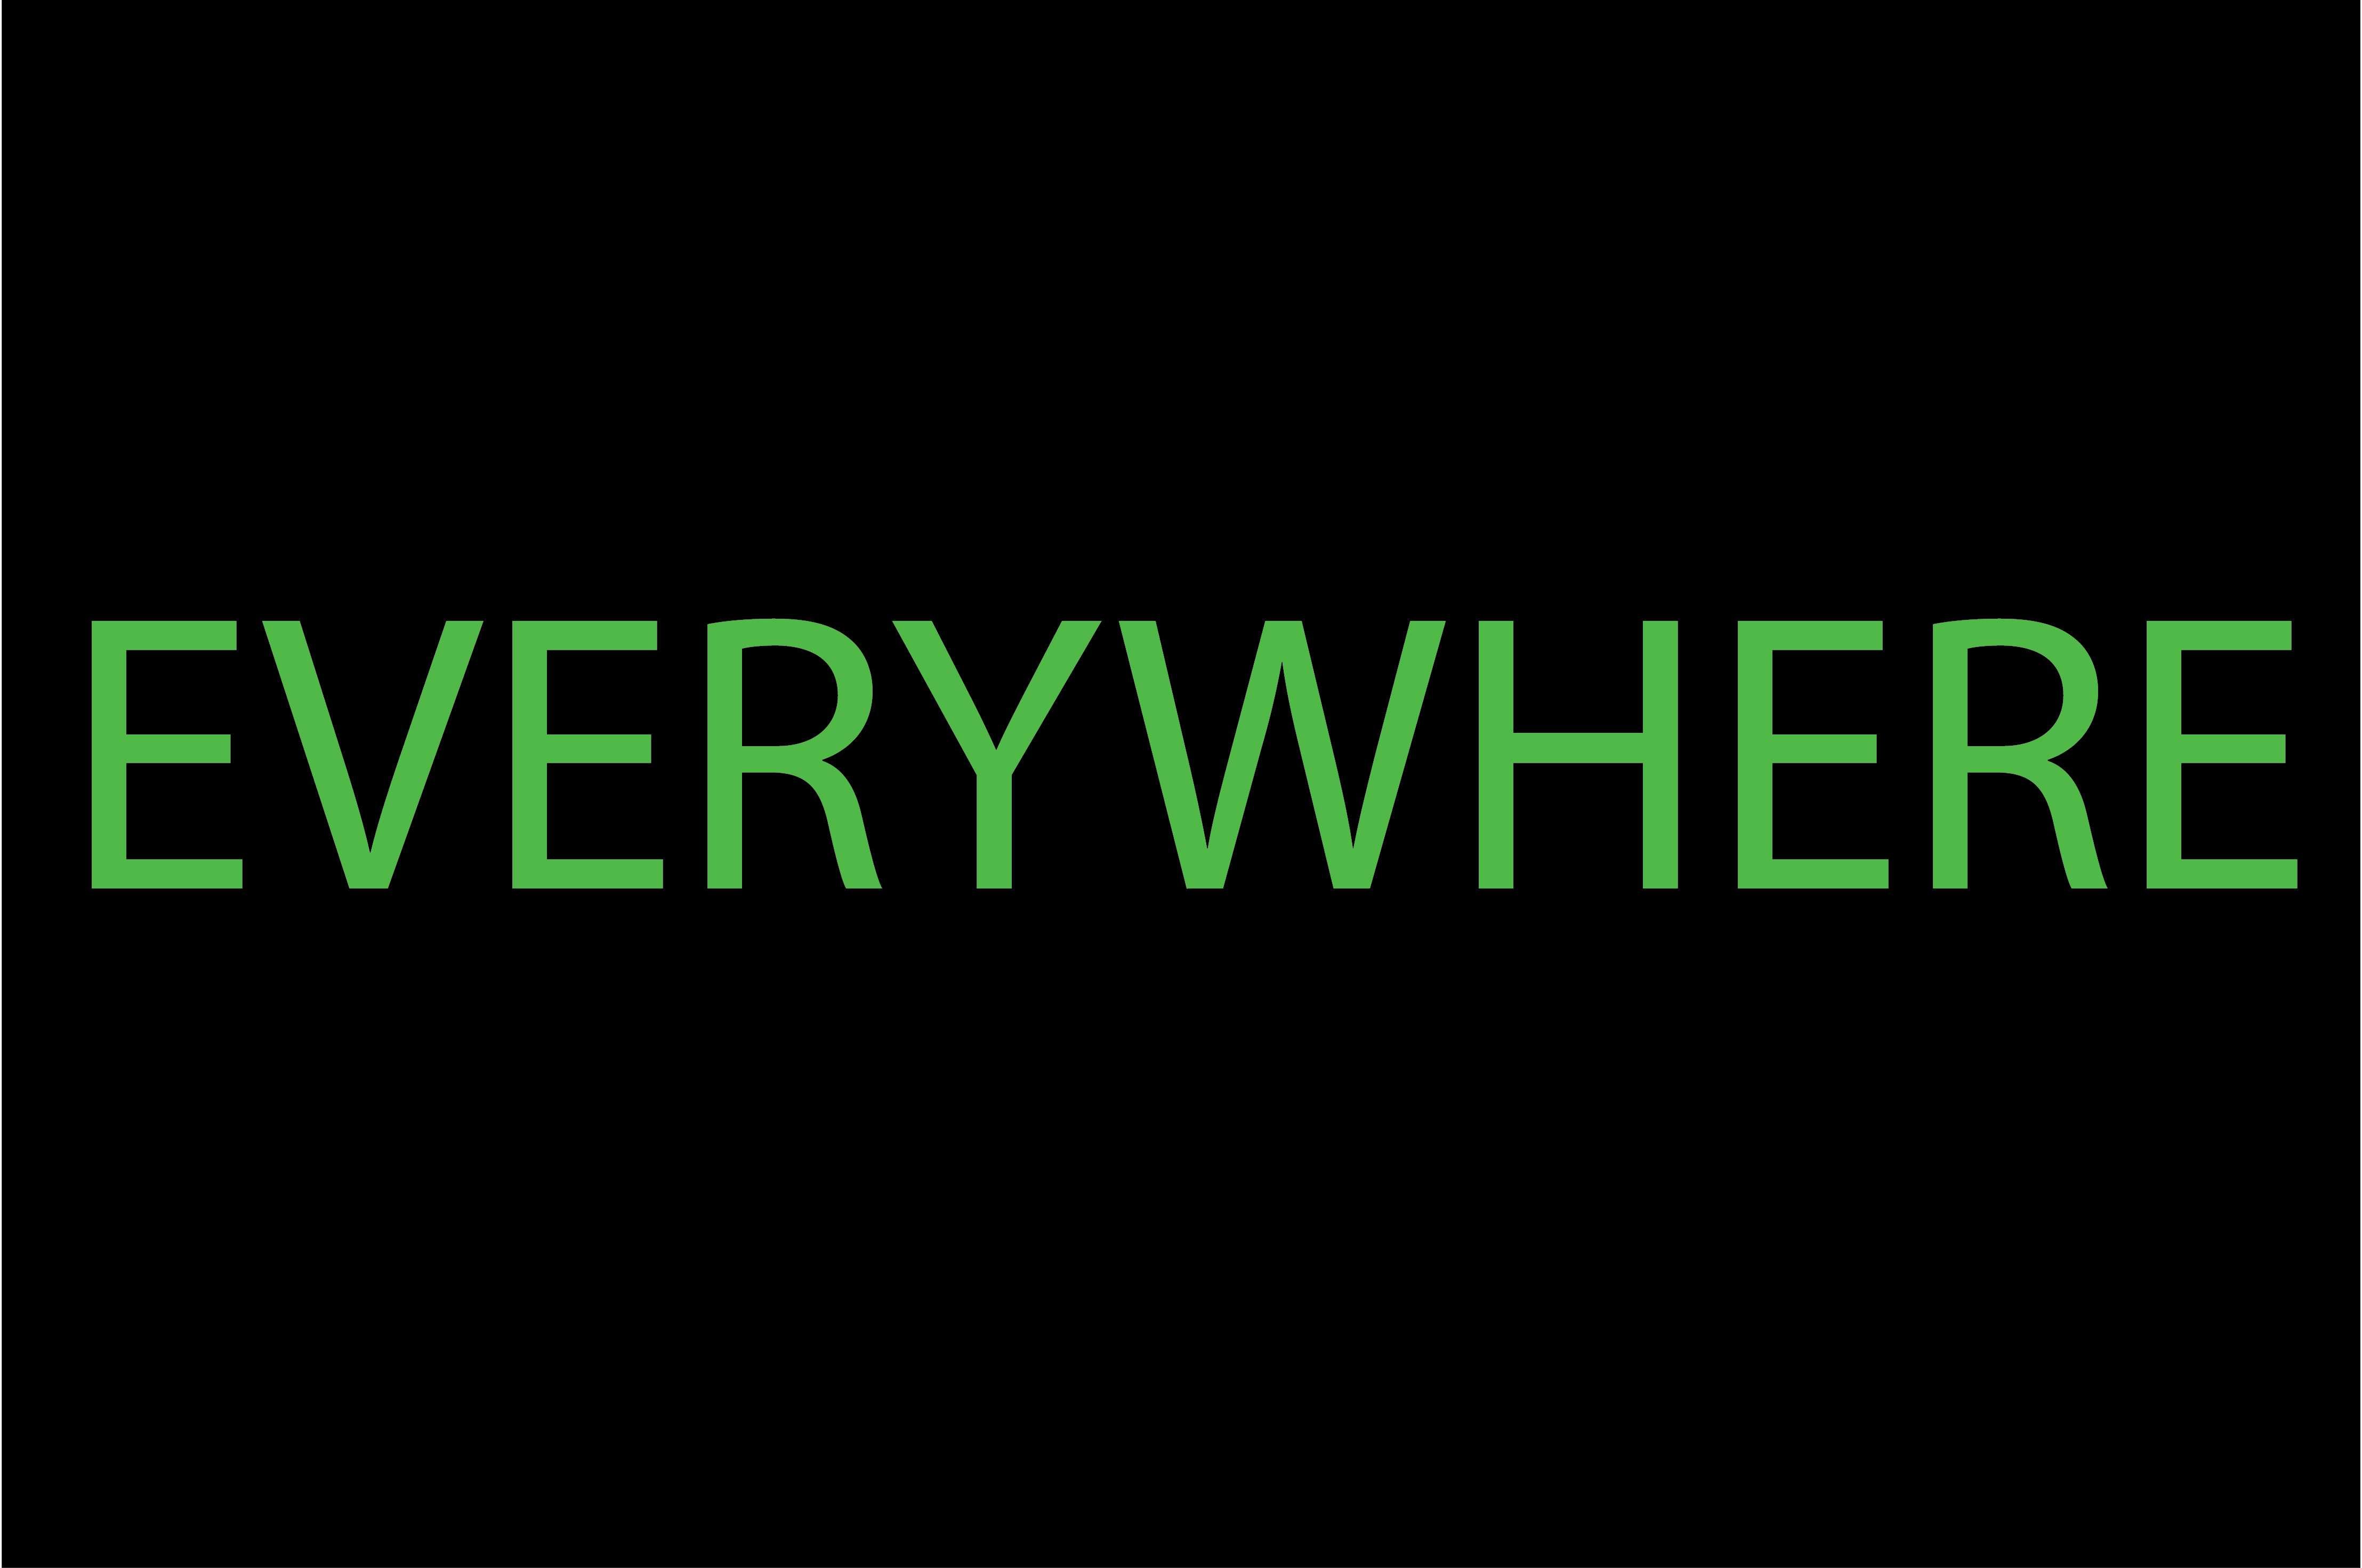 everywhere-05.jpg